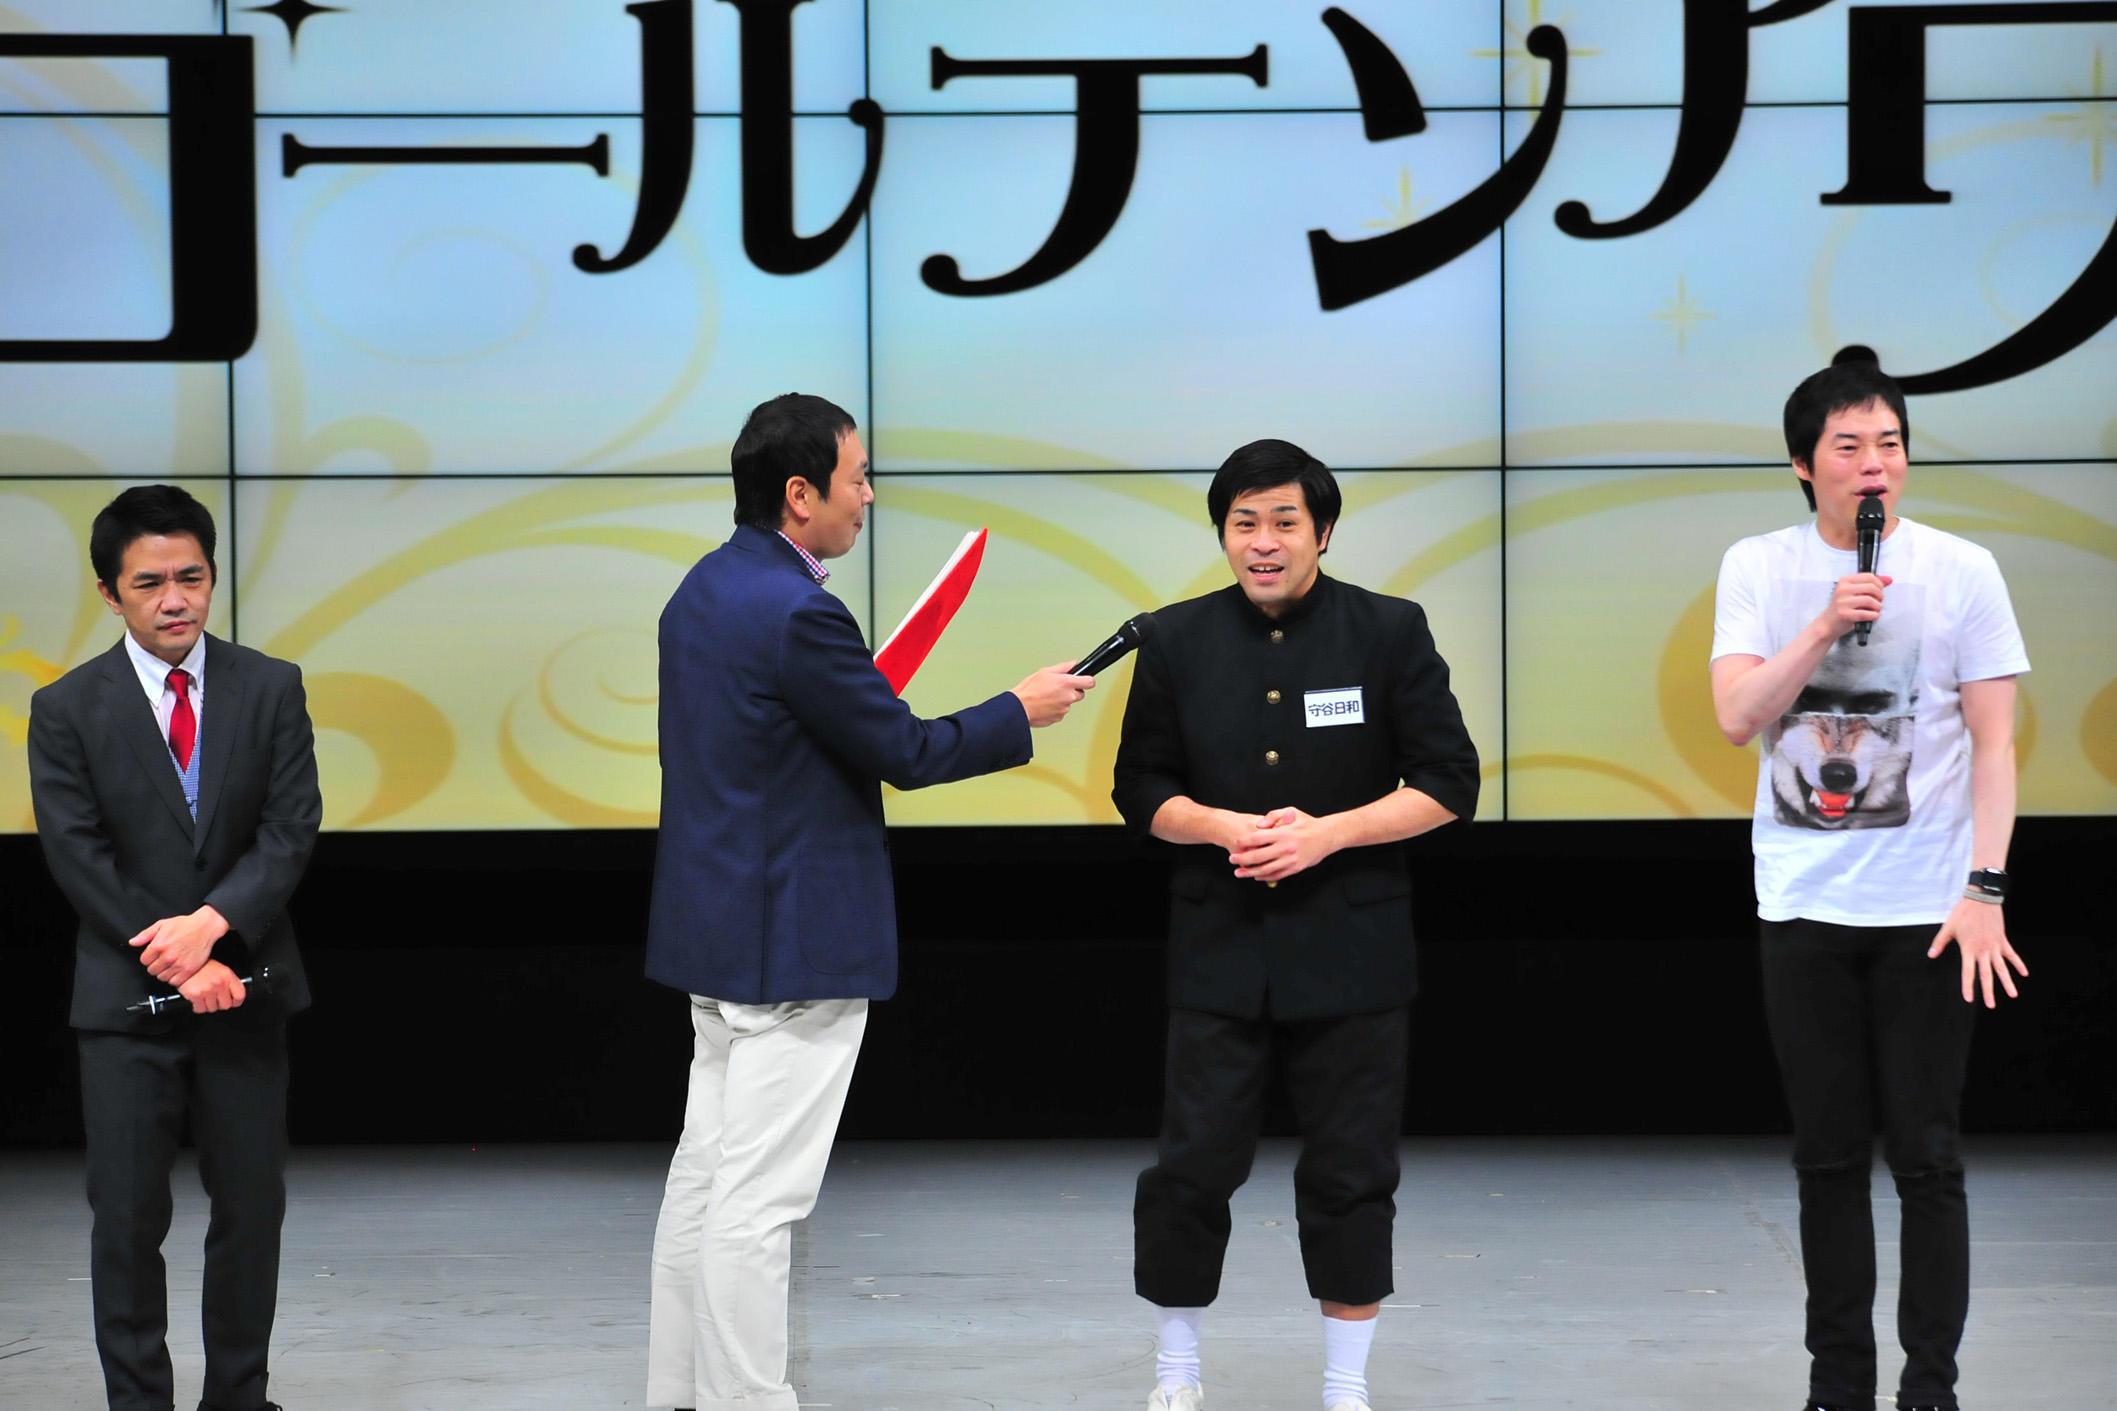 http://news.yoshimoto.co.jp/20160421122925-f044e097933e0a3ee695c4dc1db0a3f3fa6f80a9.jpg